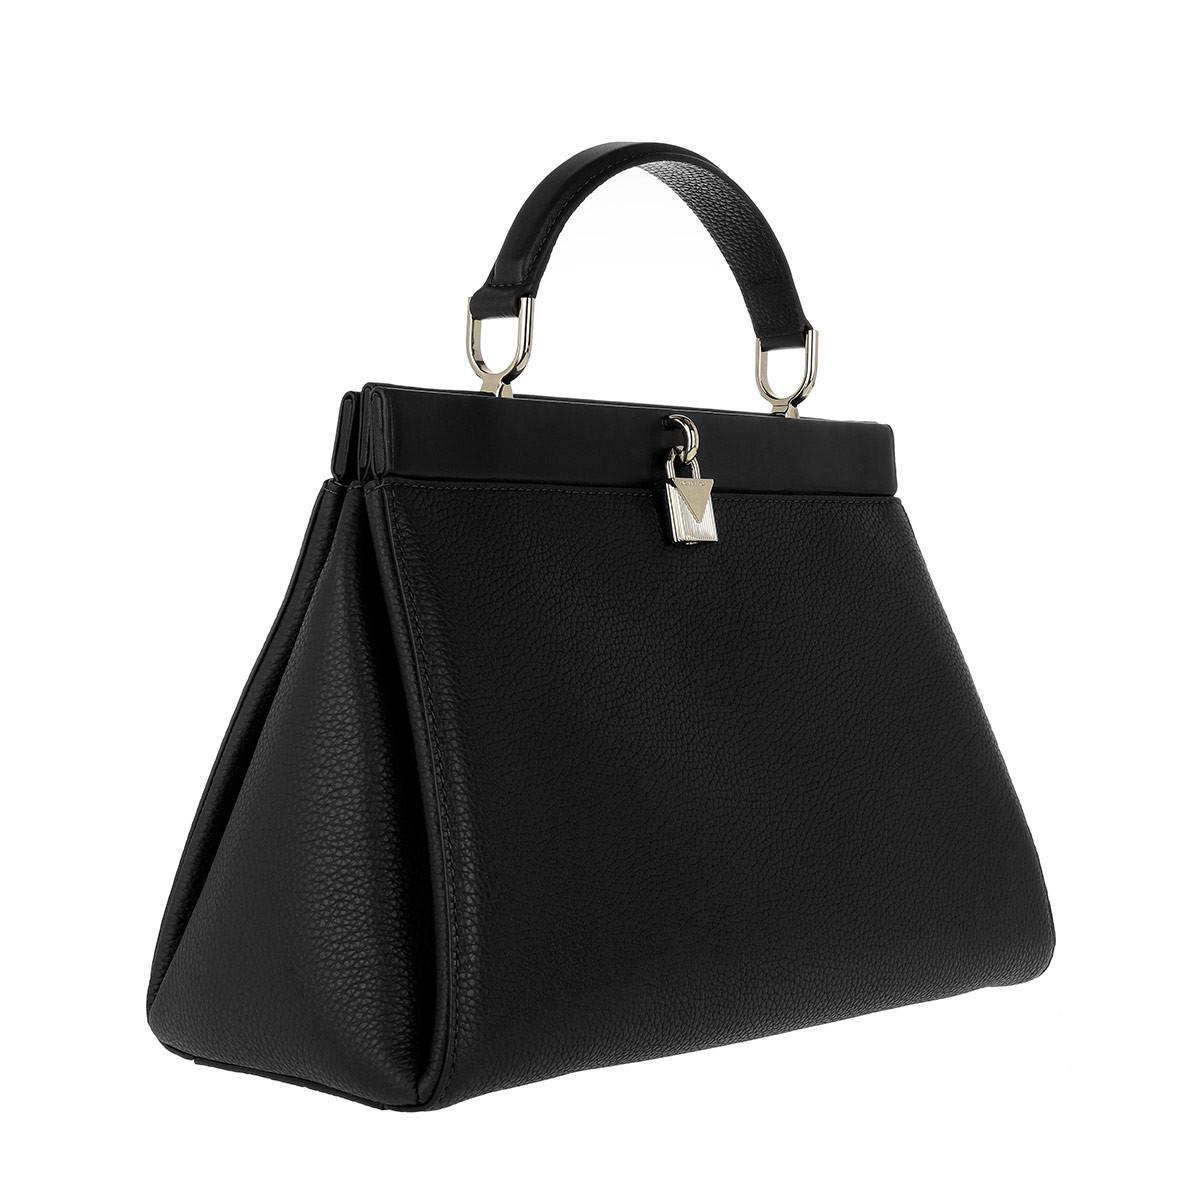 Womens Gramcery Lg Th Satchel Top-Handle Bag Black (Black) Michael Kors fPviCf0